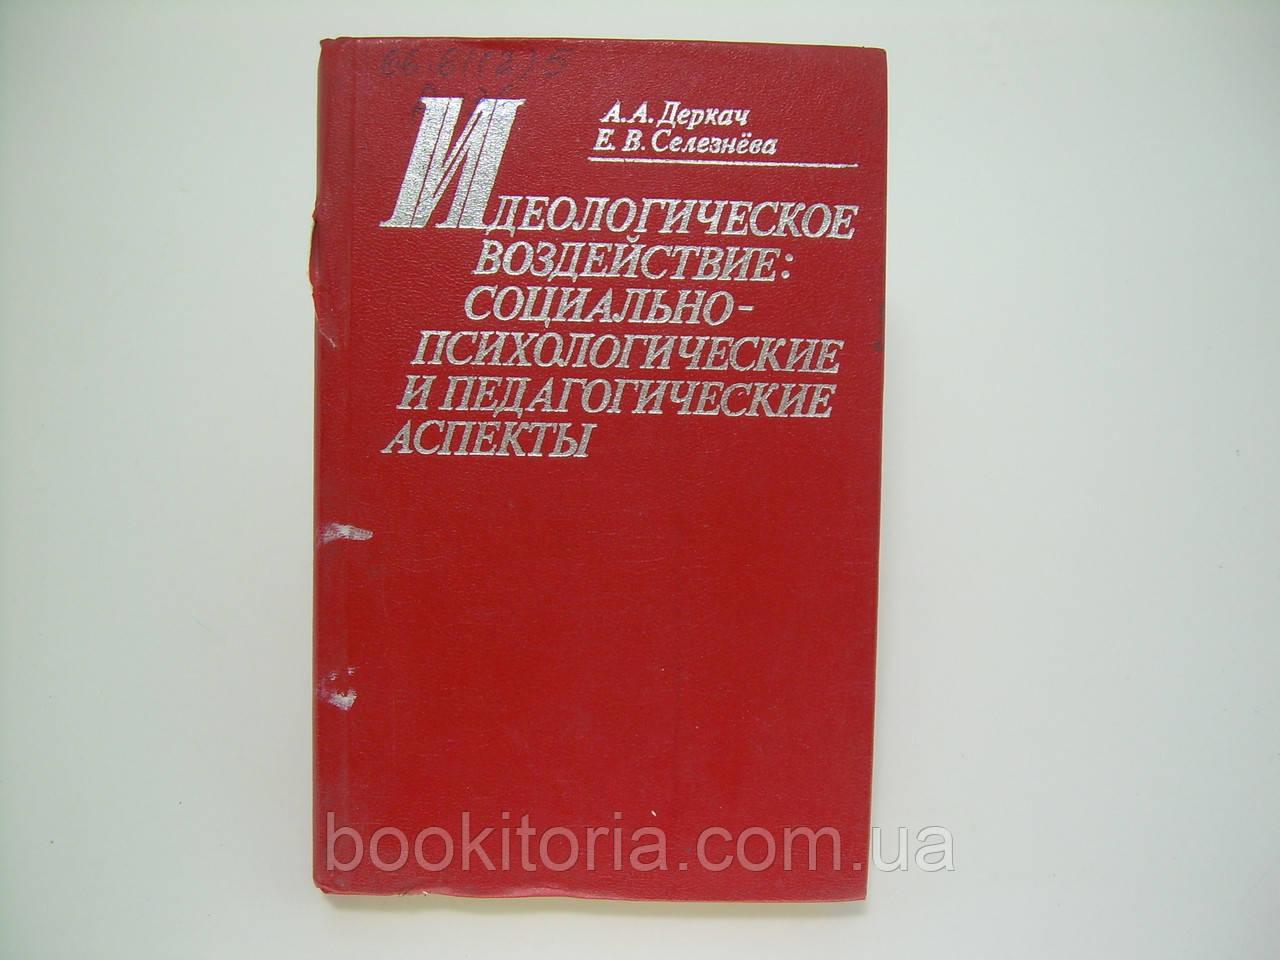 Деркач А.А. Идеологическое воздействие: социально-психологические и педагогические аспекты (б/у).